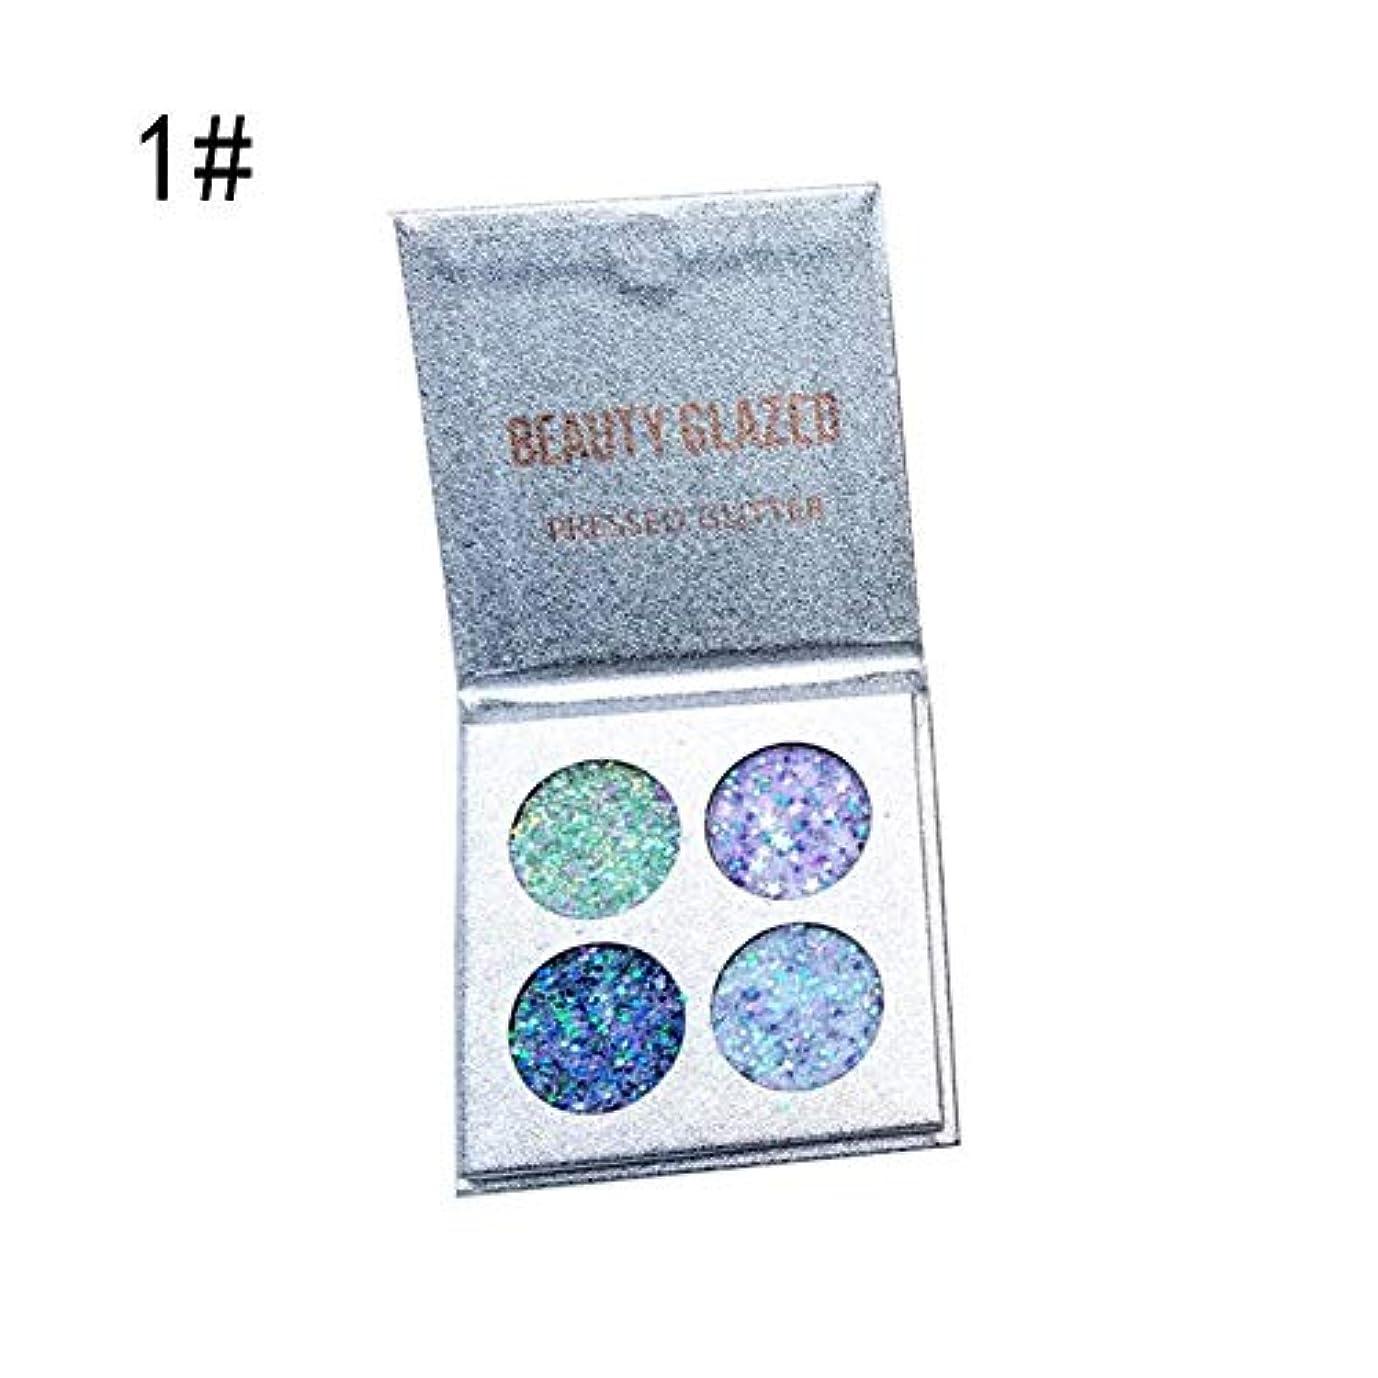 入札ロータリー三角BETTER YOU (ベター ュー) beauty glazed 4色スパンコールアイシャドウ、浮遊粉なし、しみ込みやすく、防水、防汗性、持続性、天然 (A 1#)